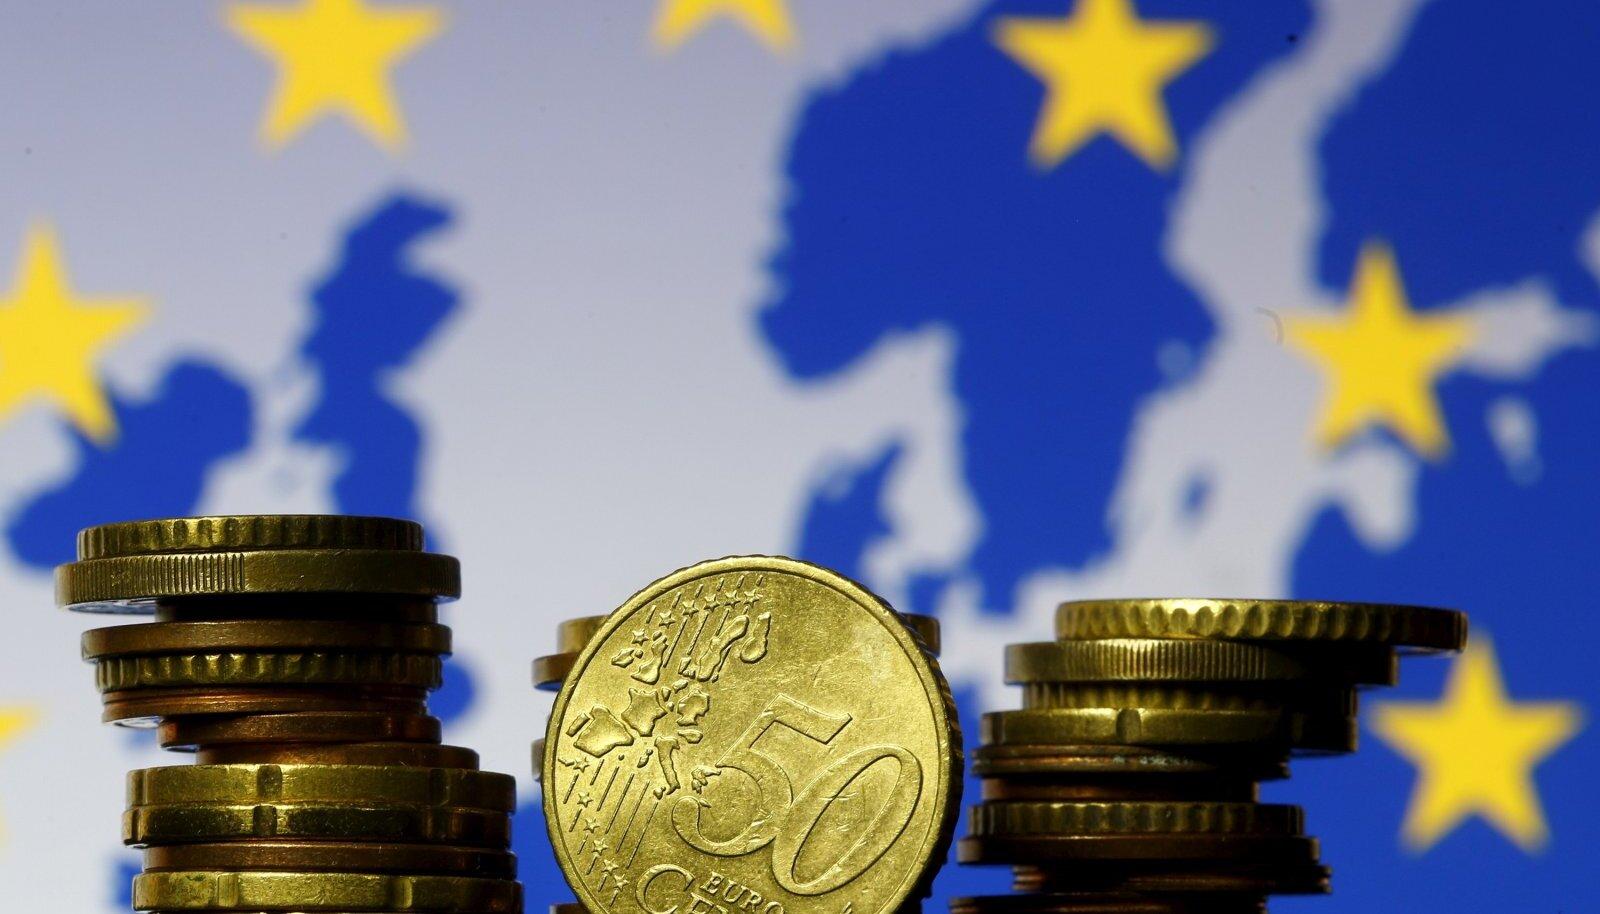 Käimasolev nädal on Brüsselile rahvusvaheliste suurfirmade maksuküsimuses äärmiselt oluline.